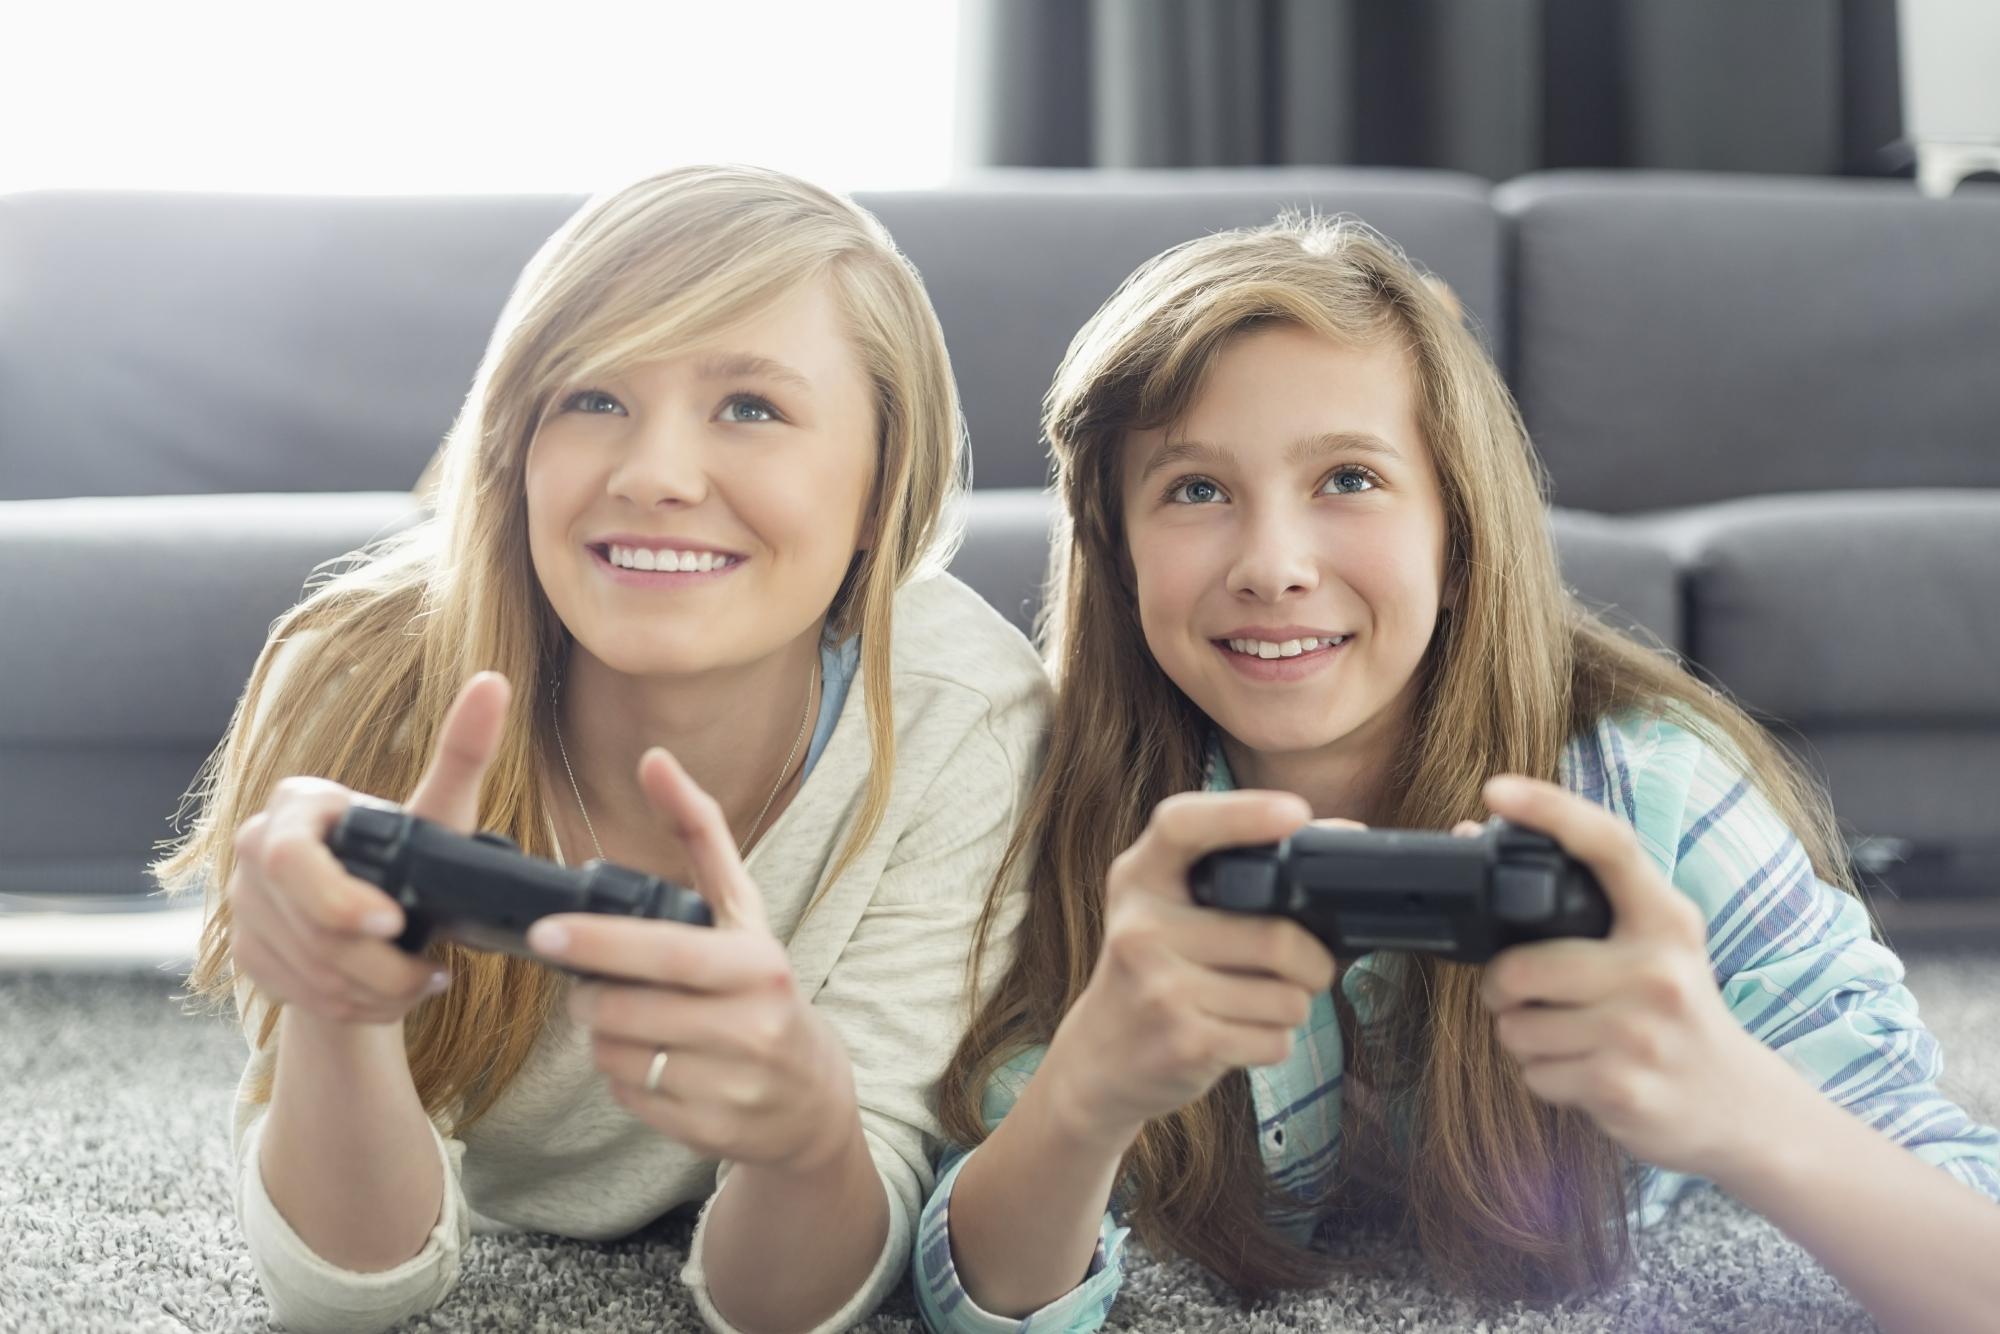 Hvordan adskiller PS5 sig fra PS4?